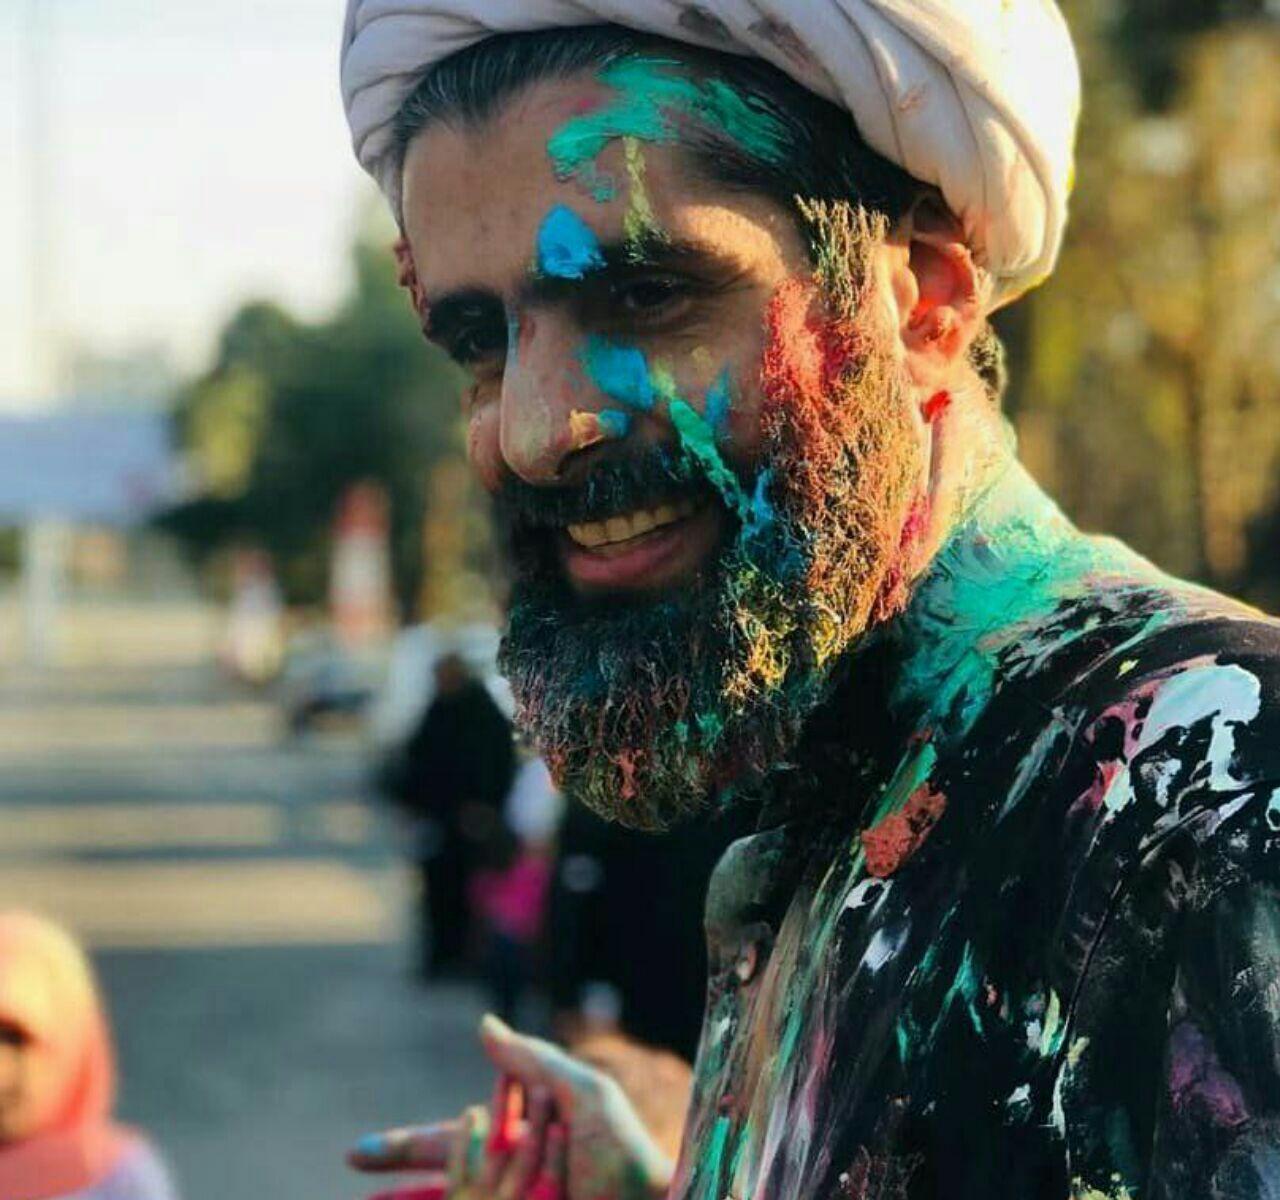 روحانی که رنگ بازی می کند! (+عکس)